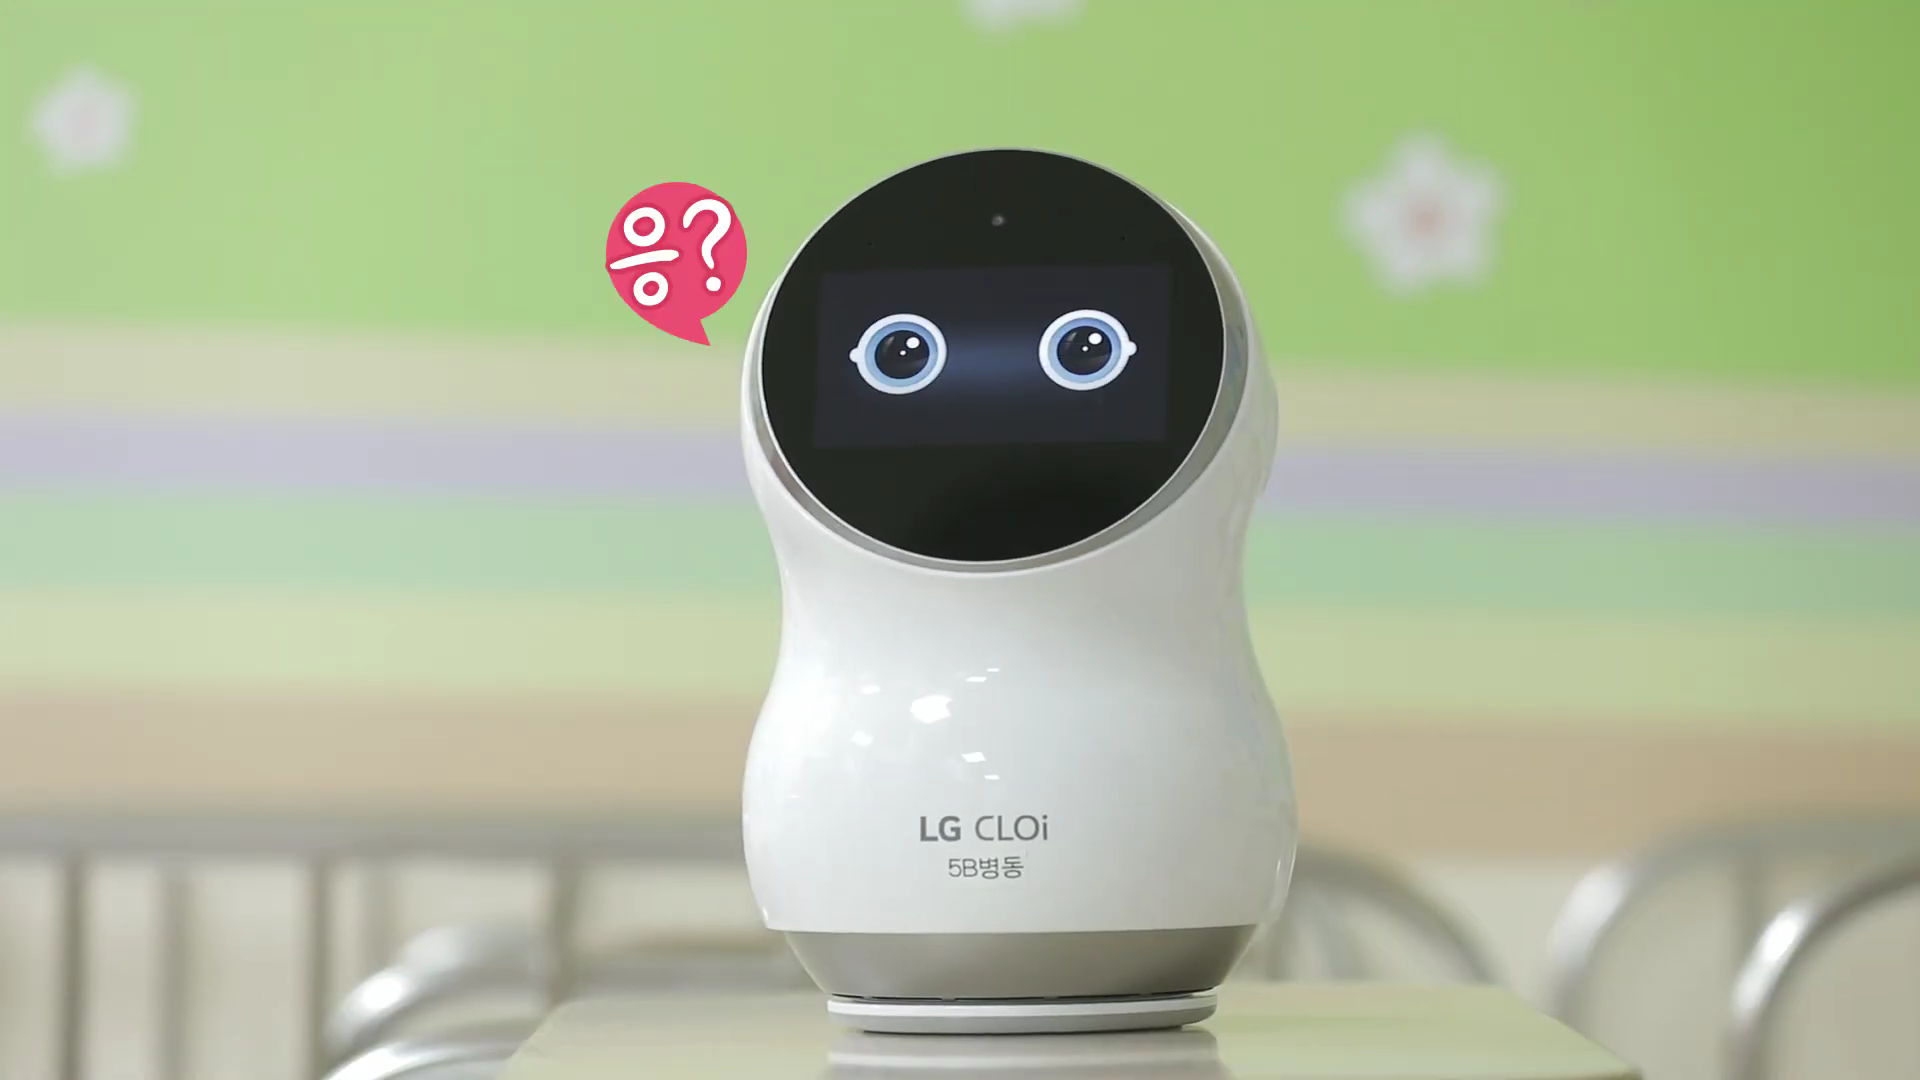 LG CLOi 로봇 삼총사 – 당신에게 가까이, 당신에게 클로이